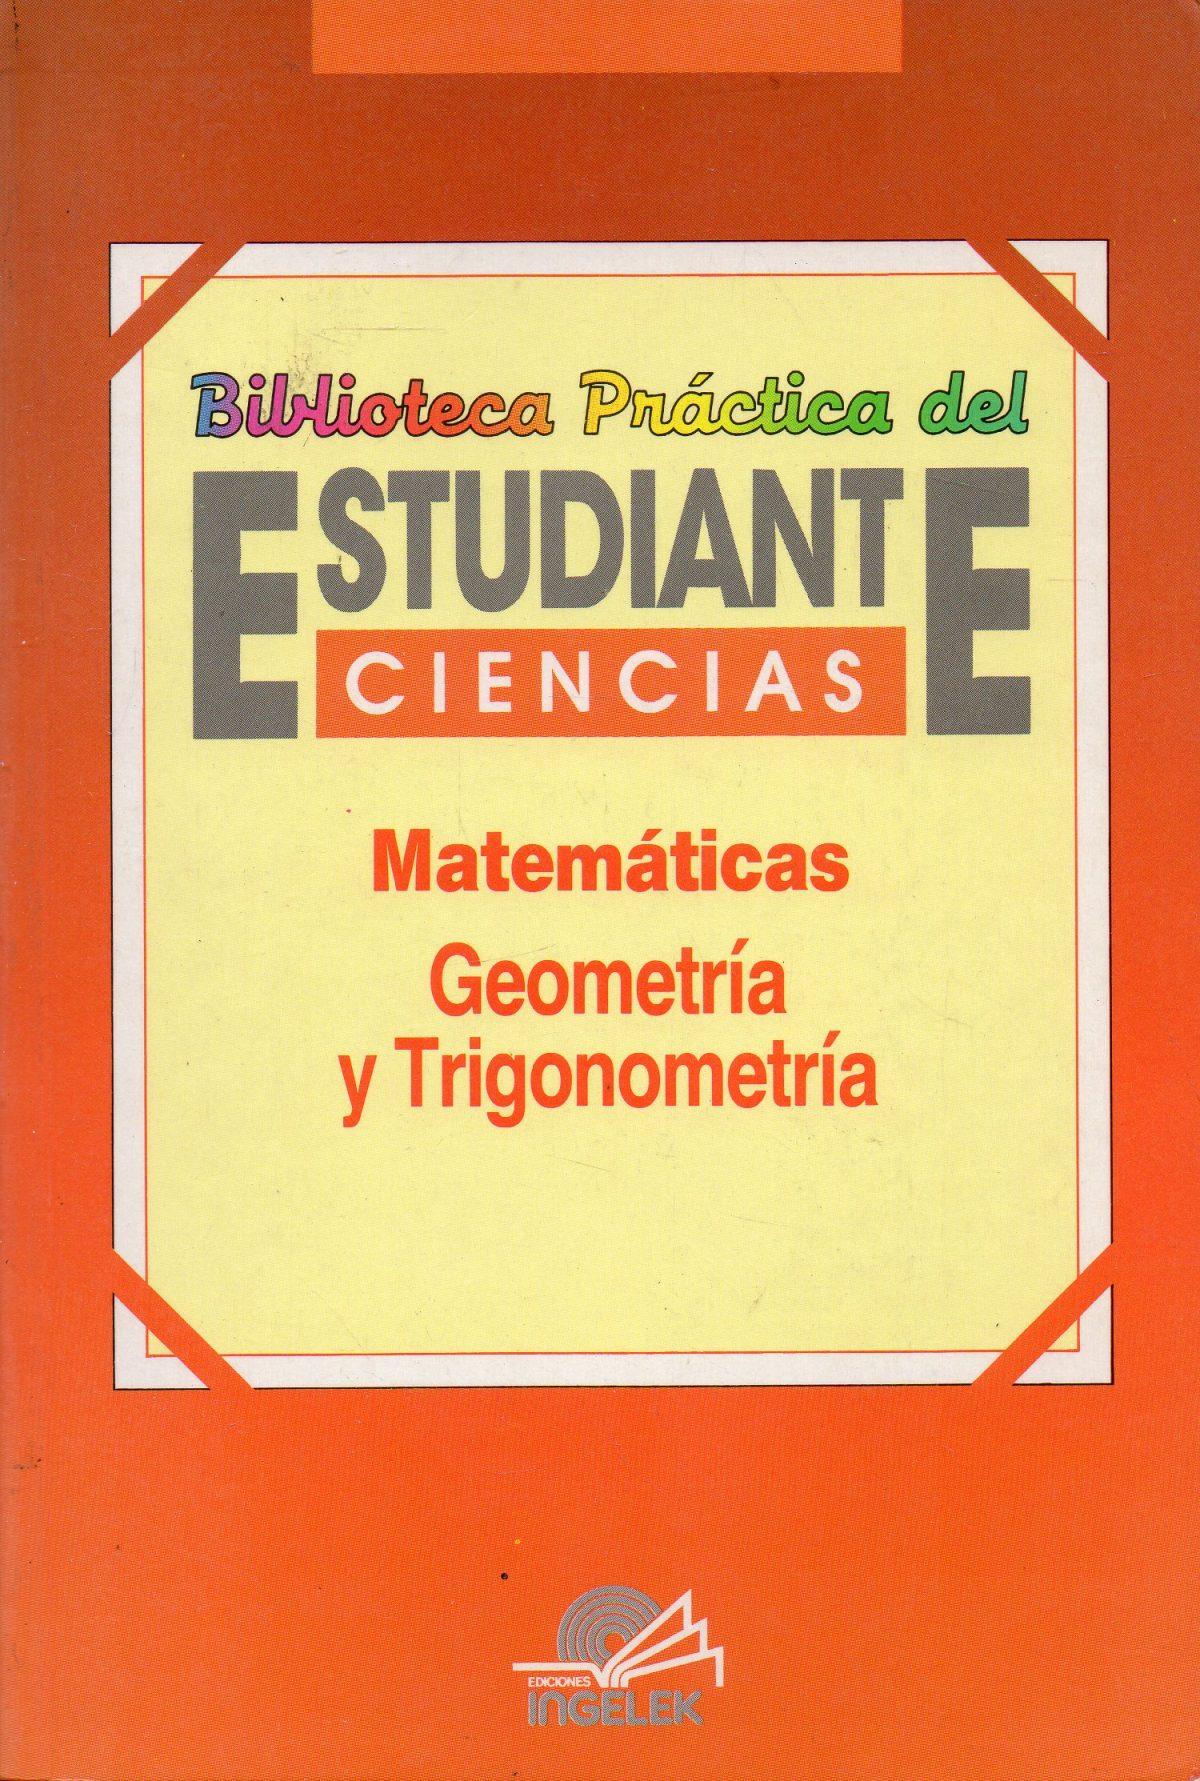 «Matemáticas (Geometría y Trigonometría)»